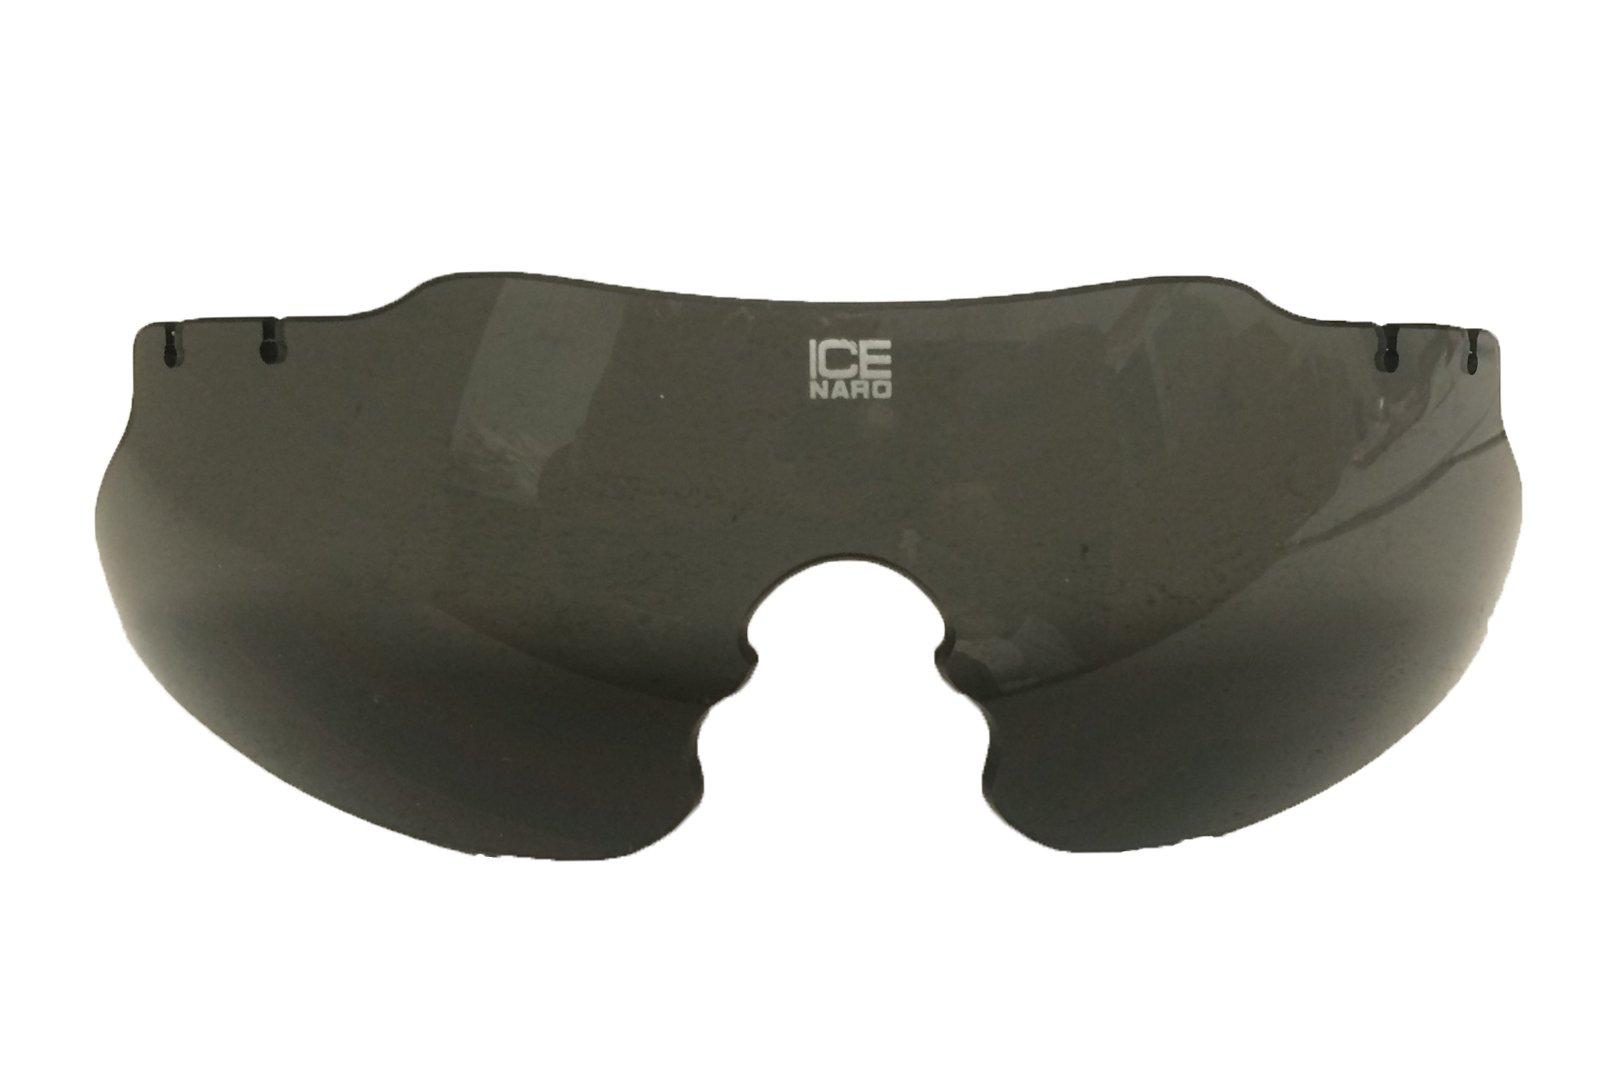 ESS Eyewear ICE Naro Lens by ESS